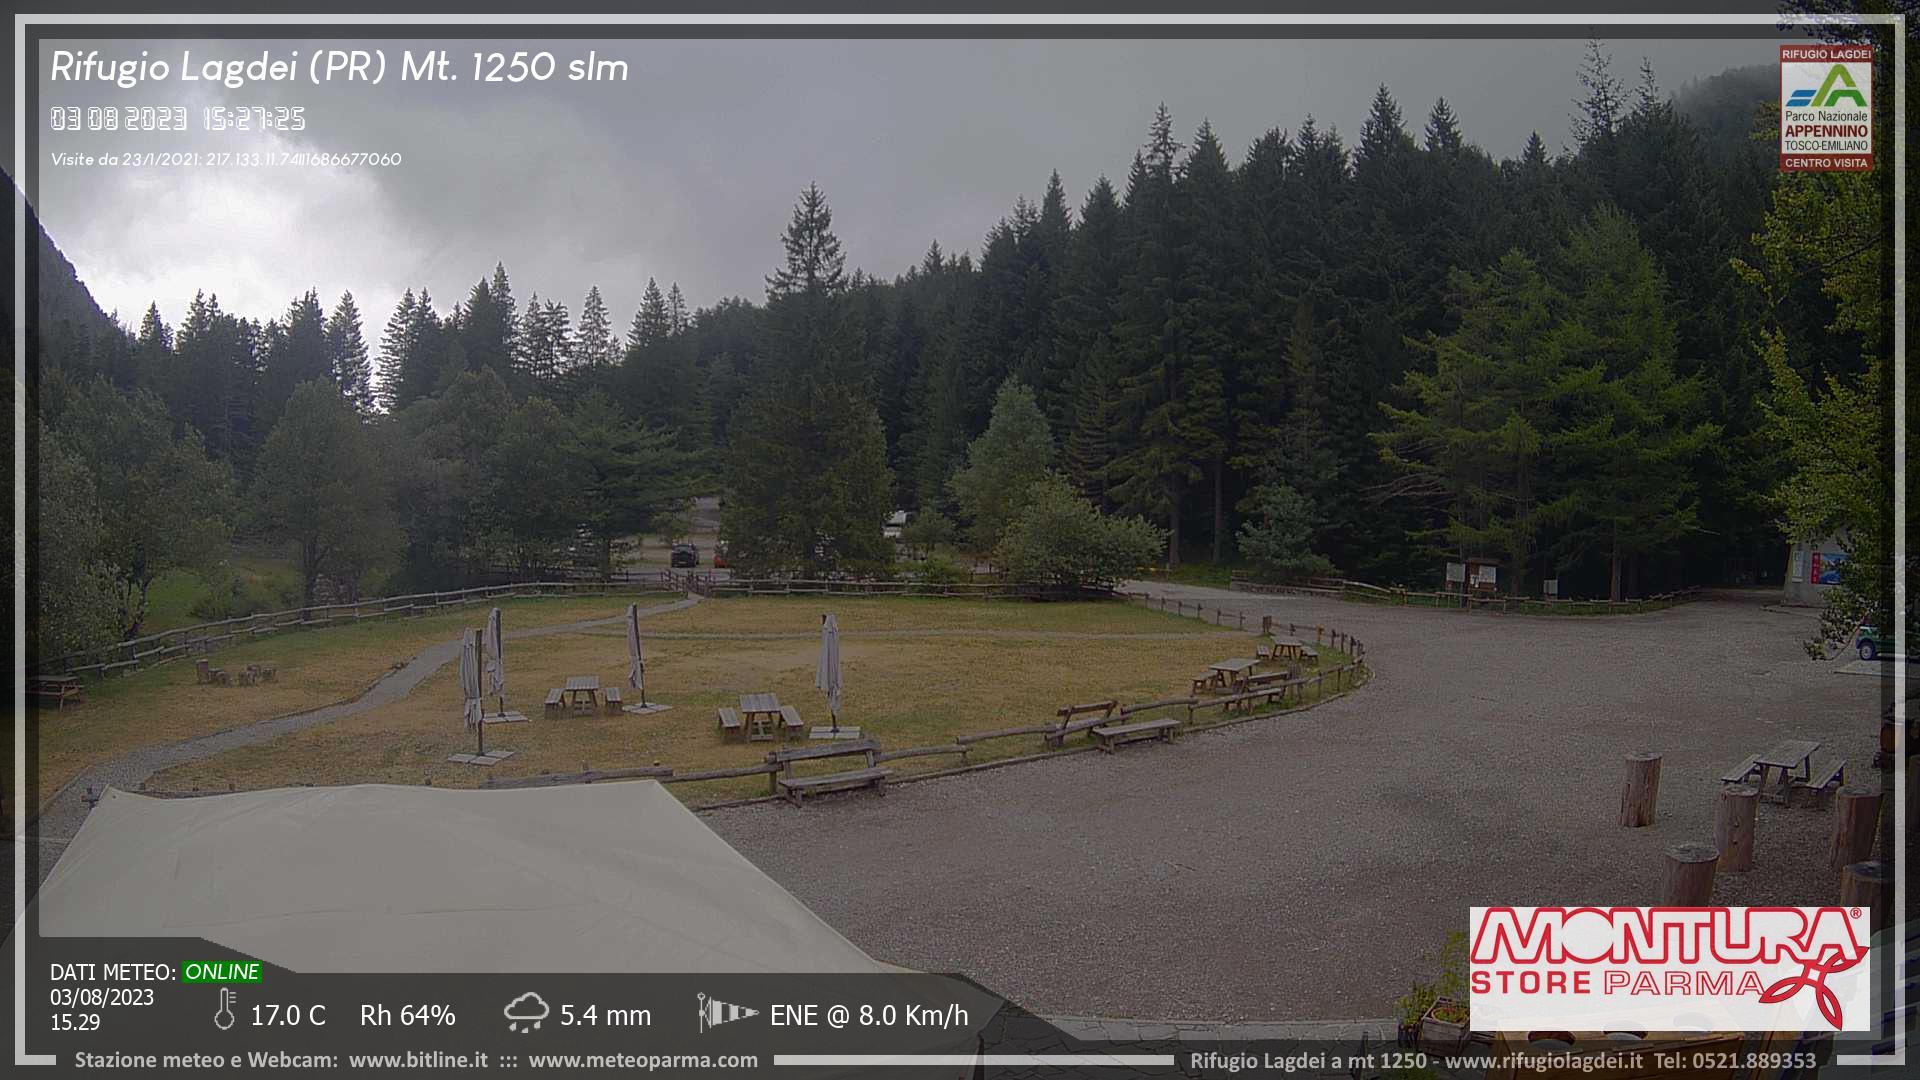 Webcam Rifugio Lagdei - Loc. Corniglio (PR)